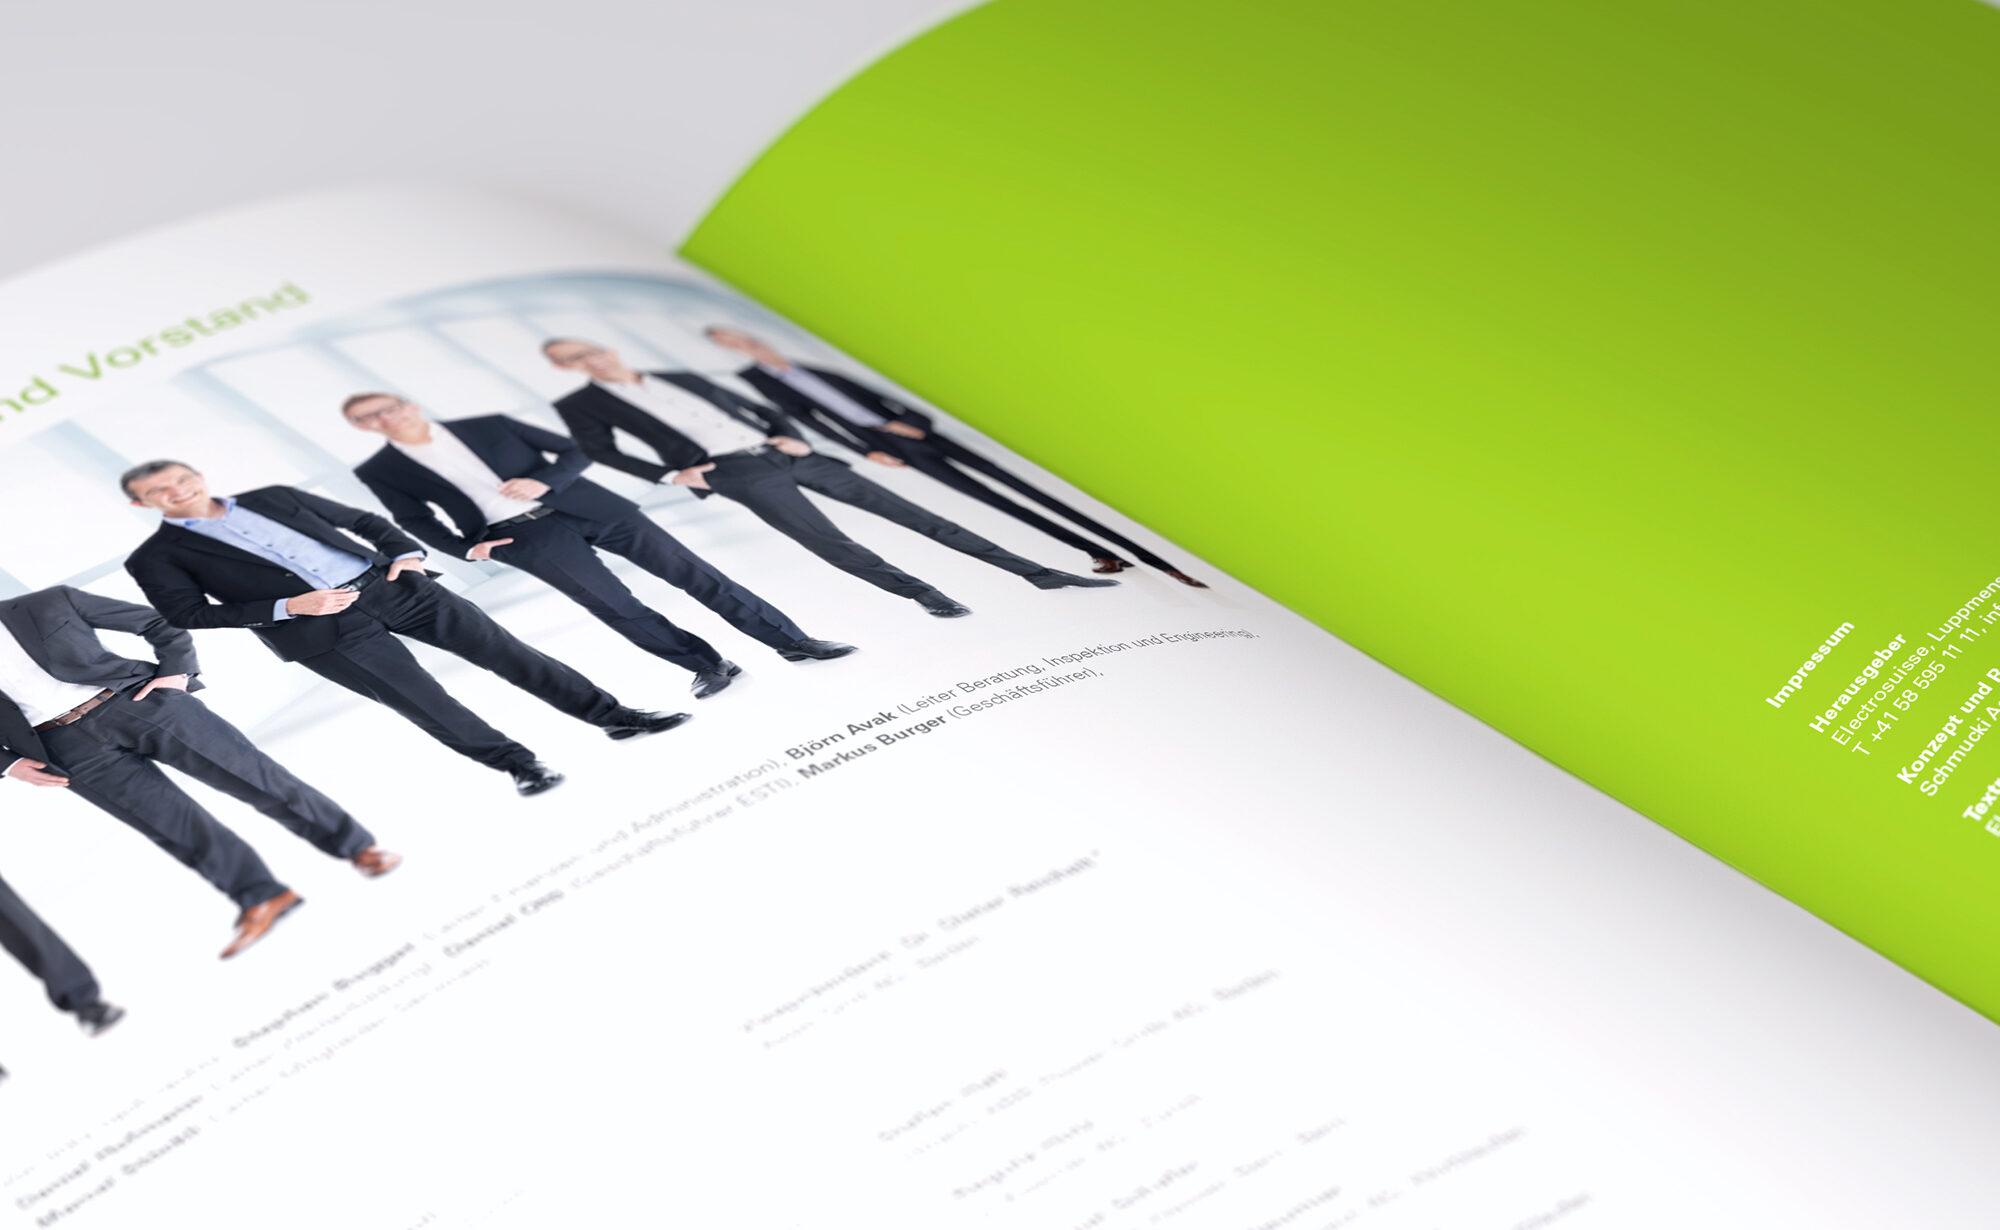 Vorstand - Electrosuisse Jahresberichte, Agentur Schmucki